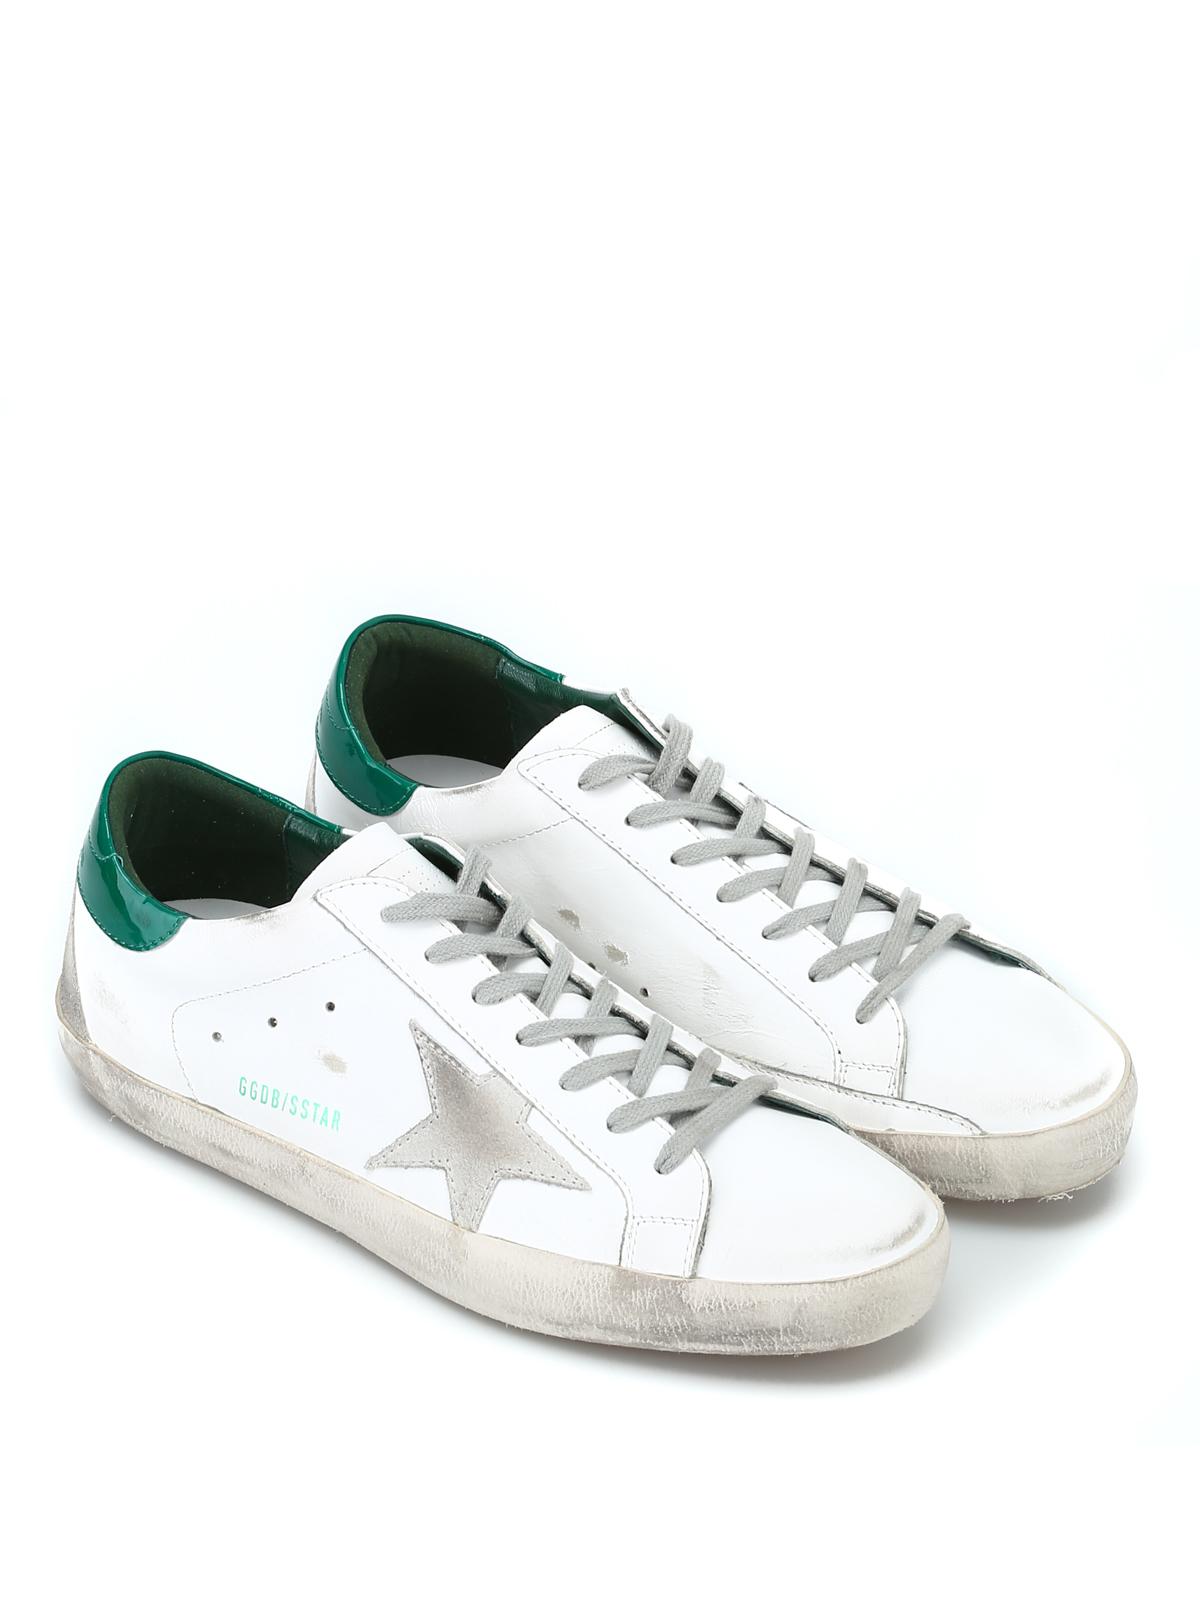 superstar bianche e verdi 1295b1a1171